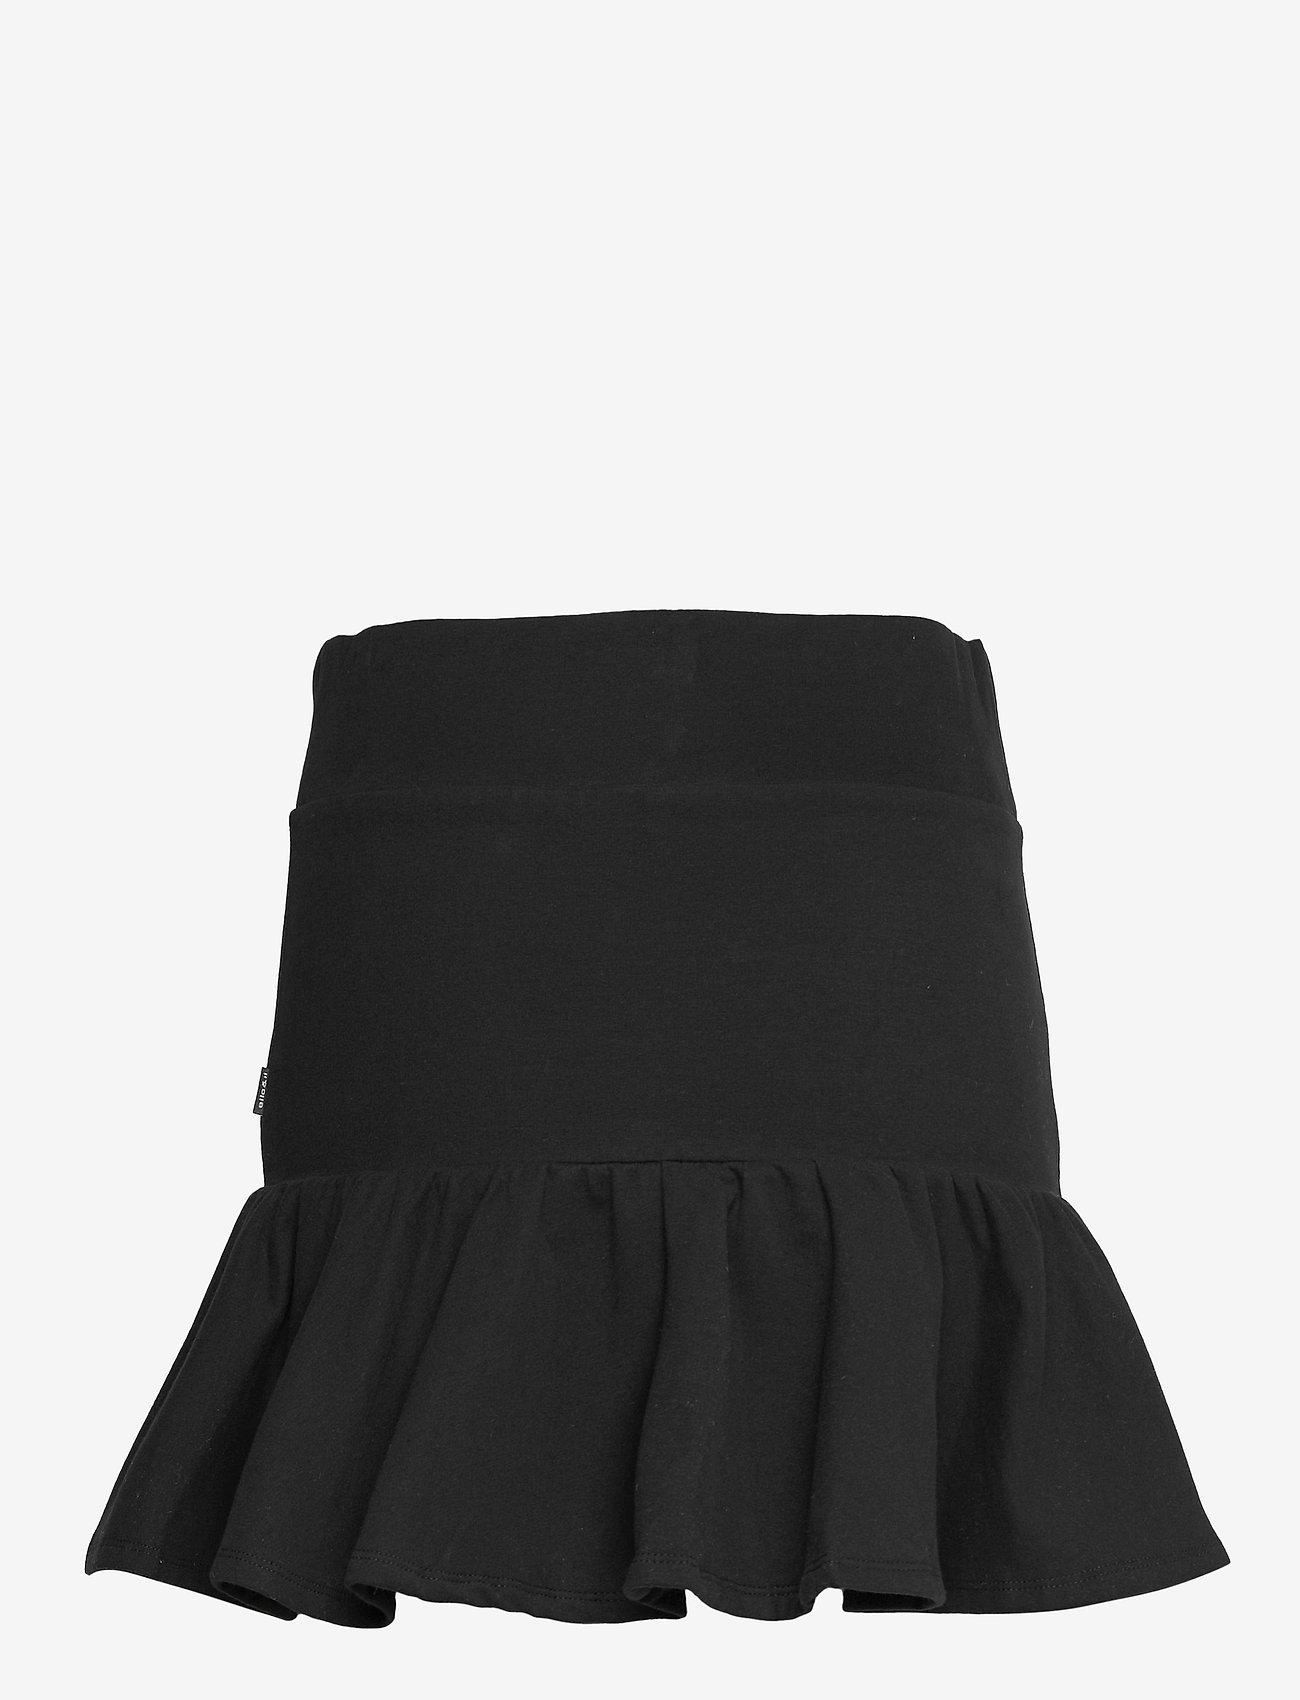 ella&il - Ginger skirt - jupes courtes - black - 1